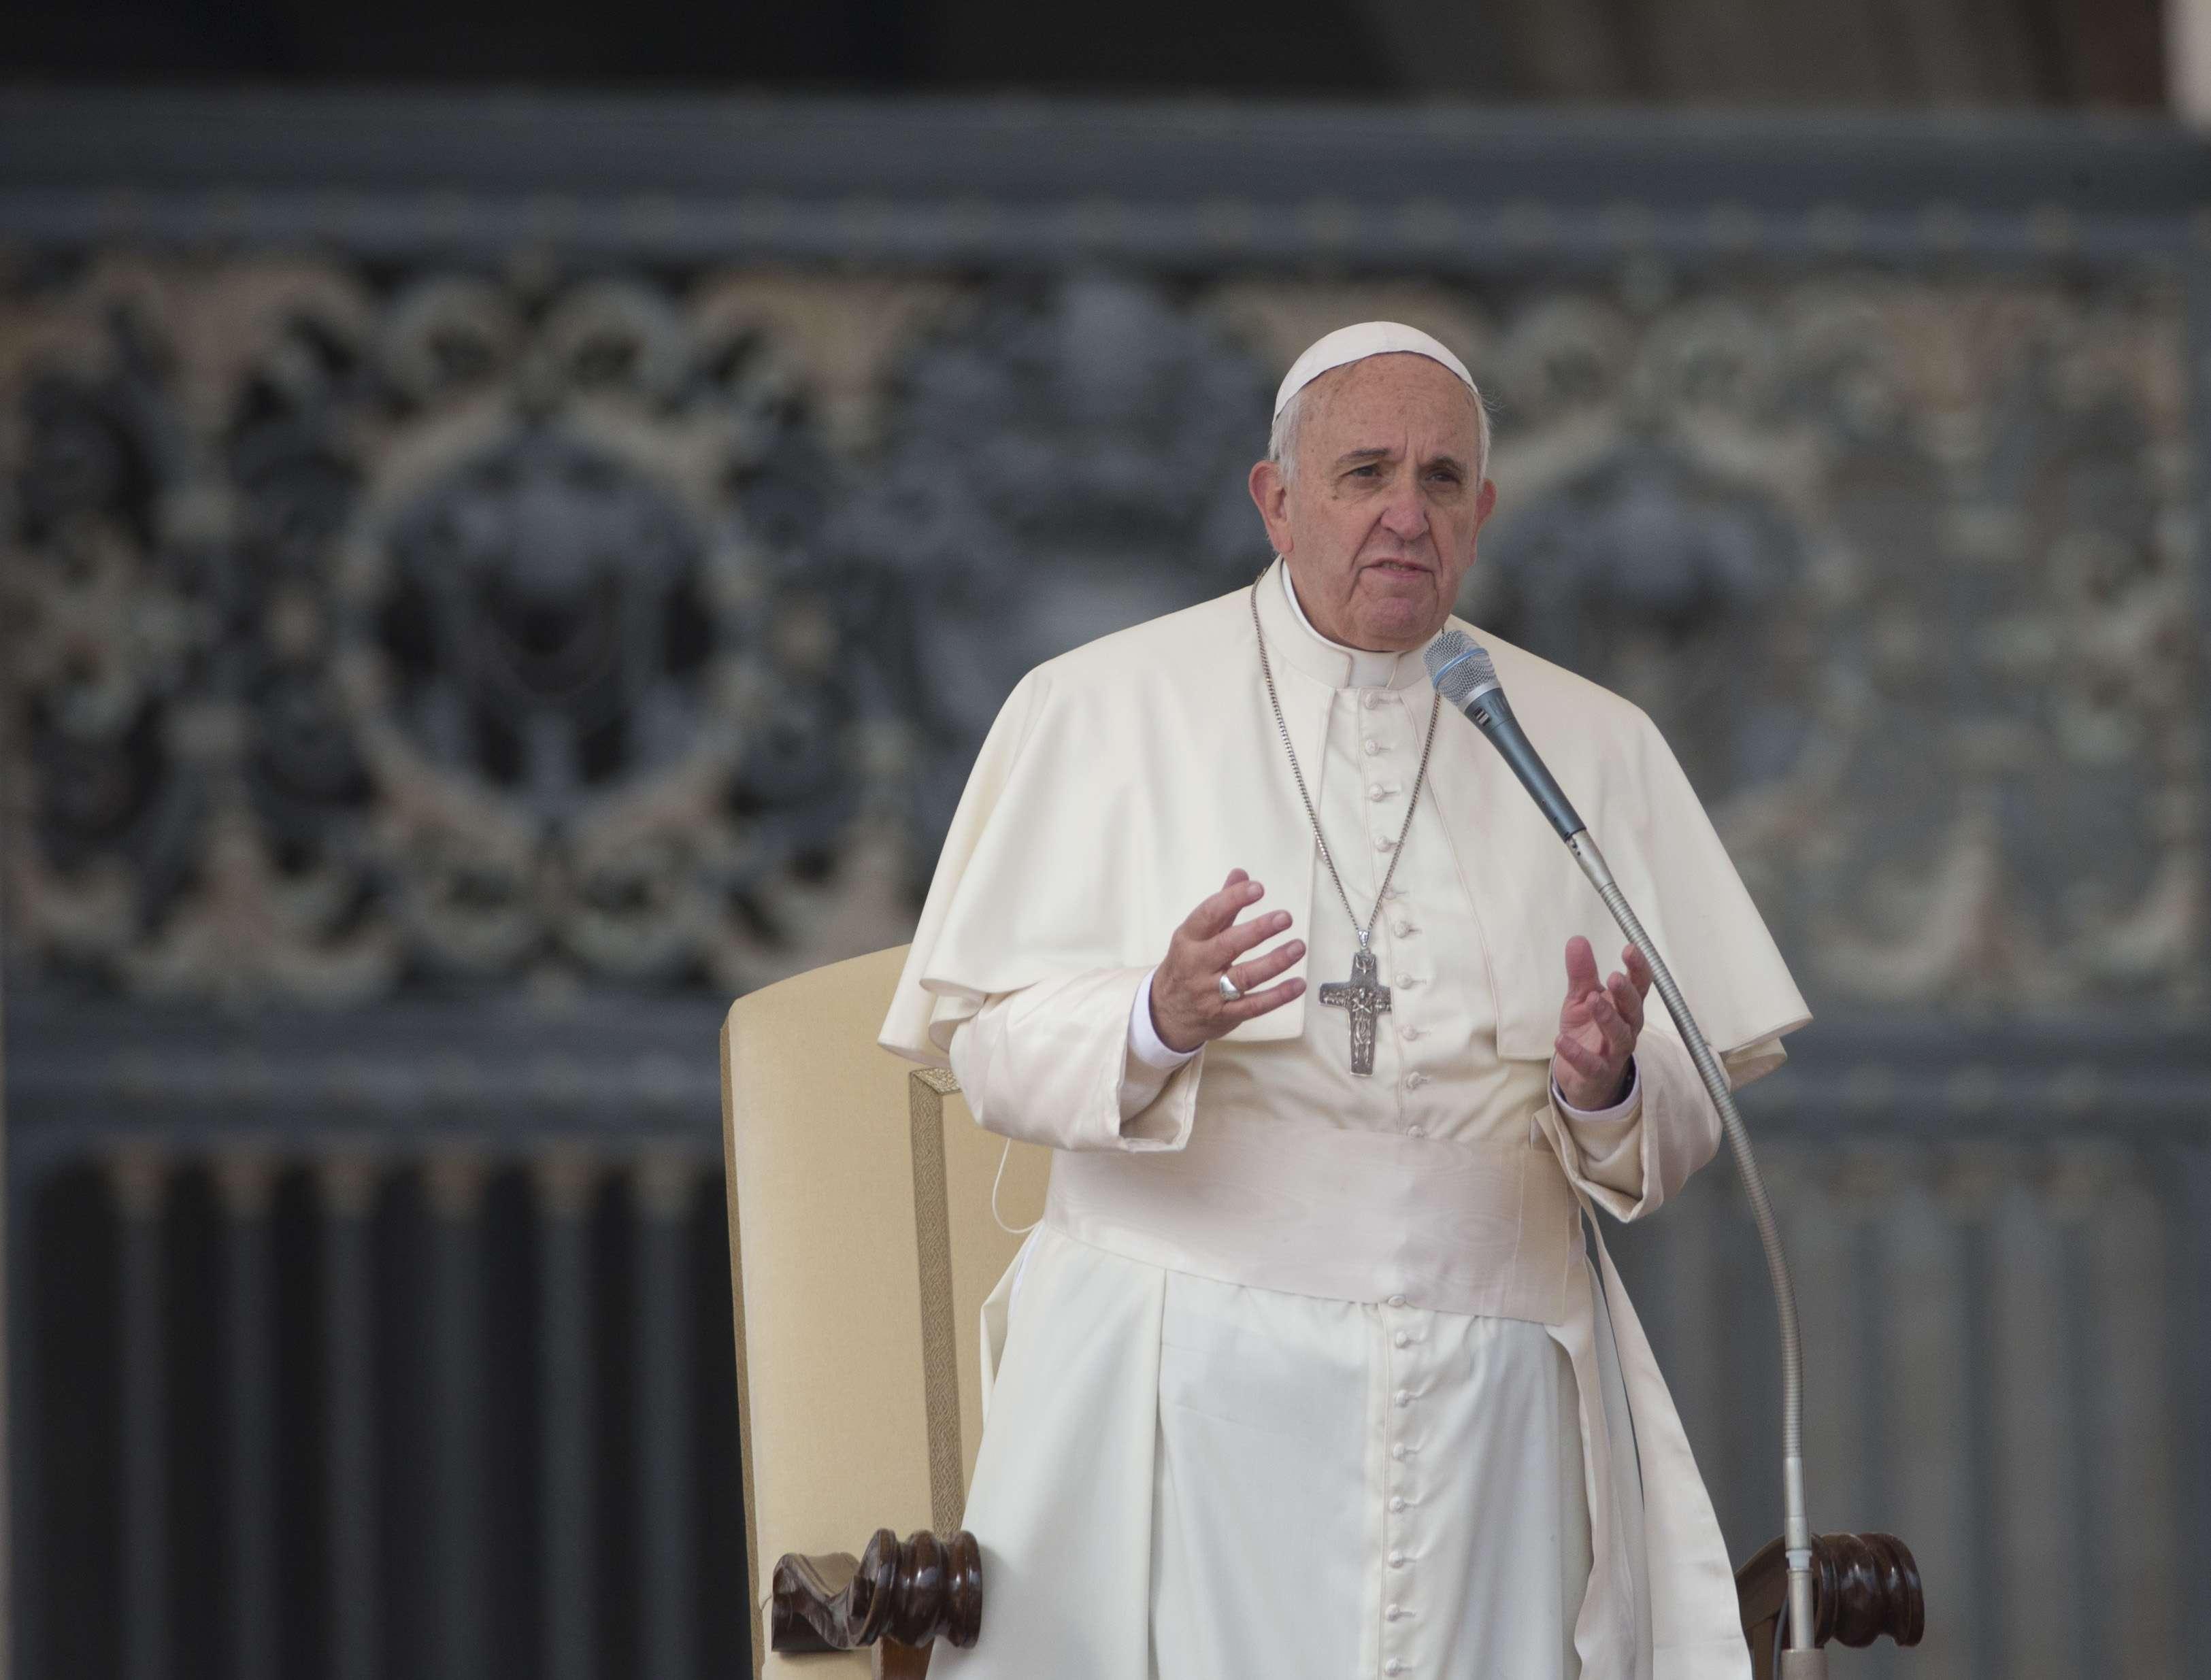 El papa Francisco se solidariza con la sociedad mexicana, que se ha volcado para exigir a las autoridades una investigación exhaustiva hasta dar con el paradero de los 43 estudiantes. Foto: AP en español